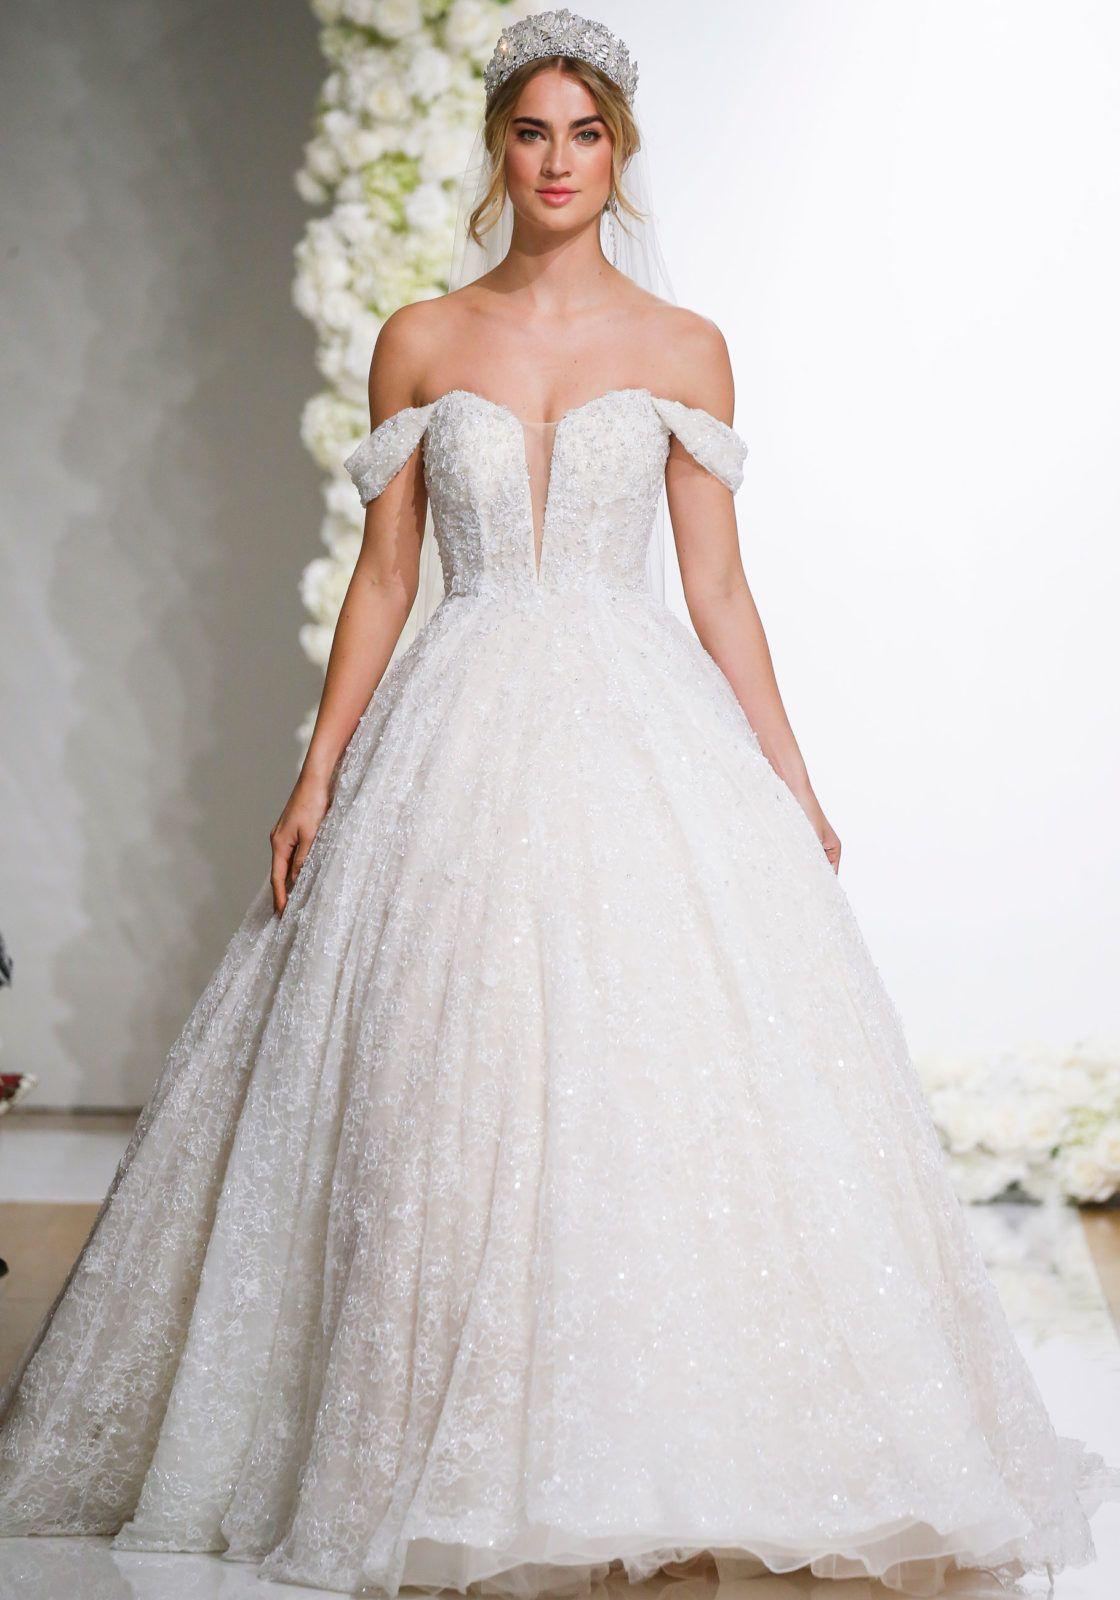 Loucette wedding dress beautiful ballgowns pinterest wedding